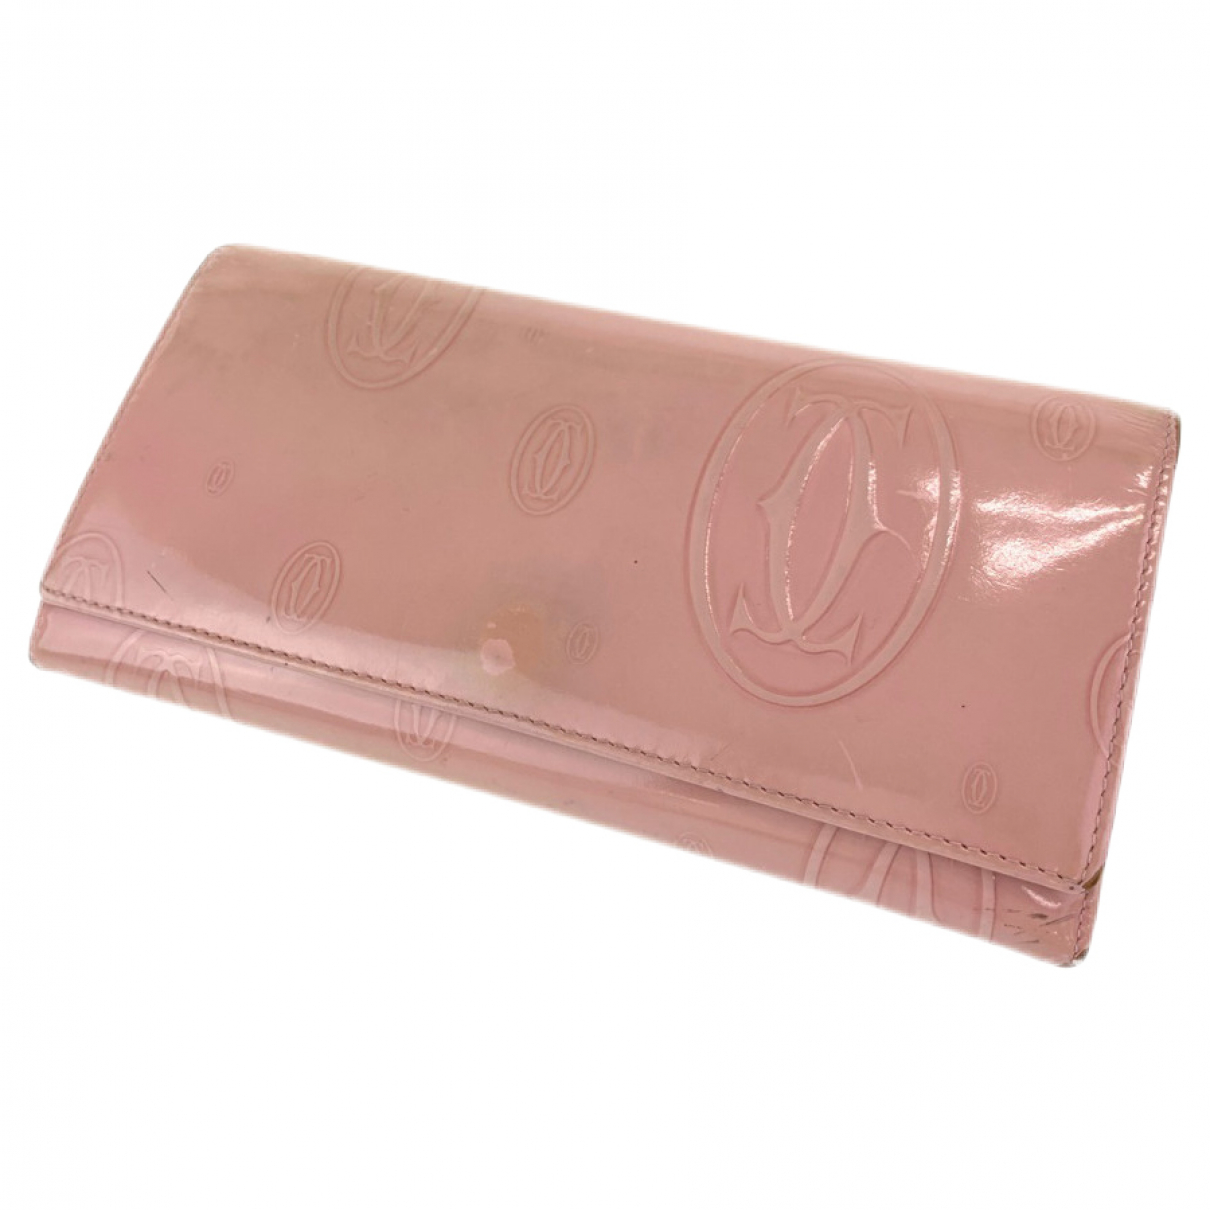 Cartier - Portefeuille   pour femme en cuir verni